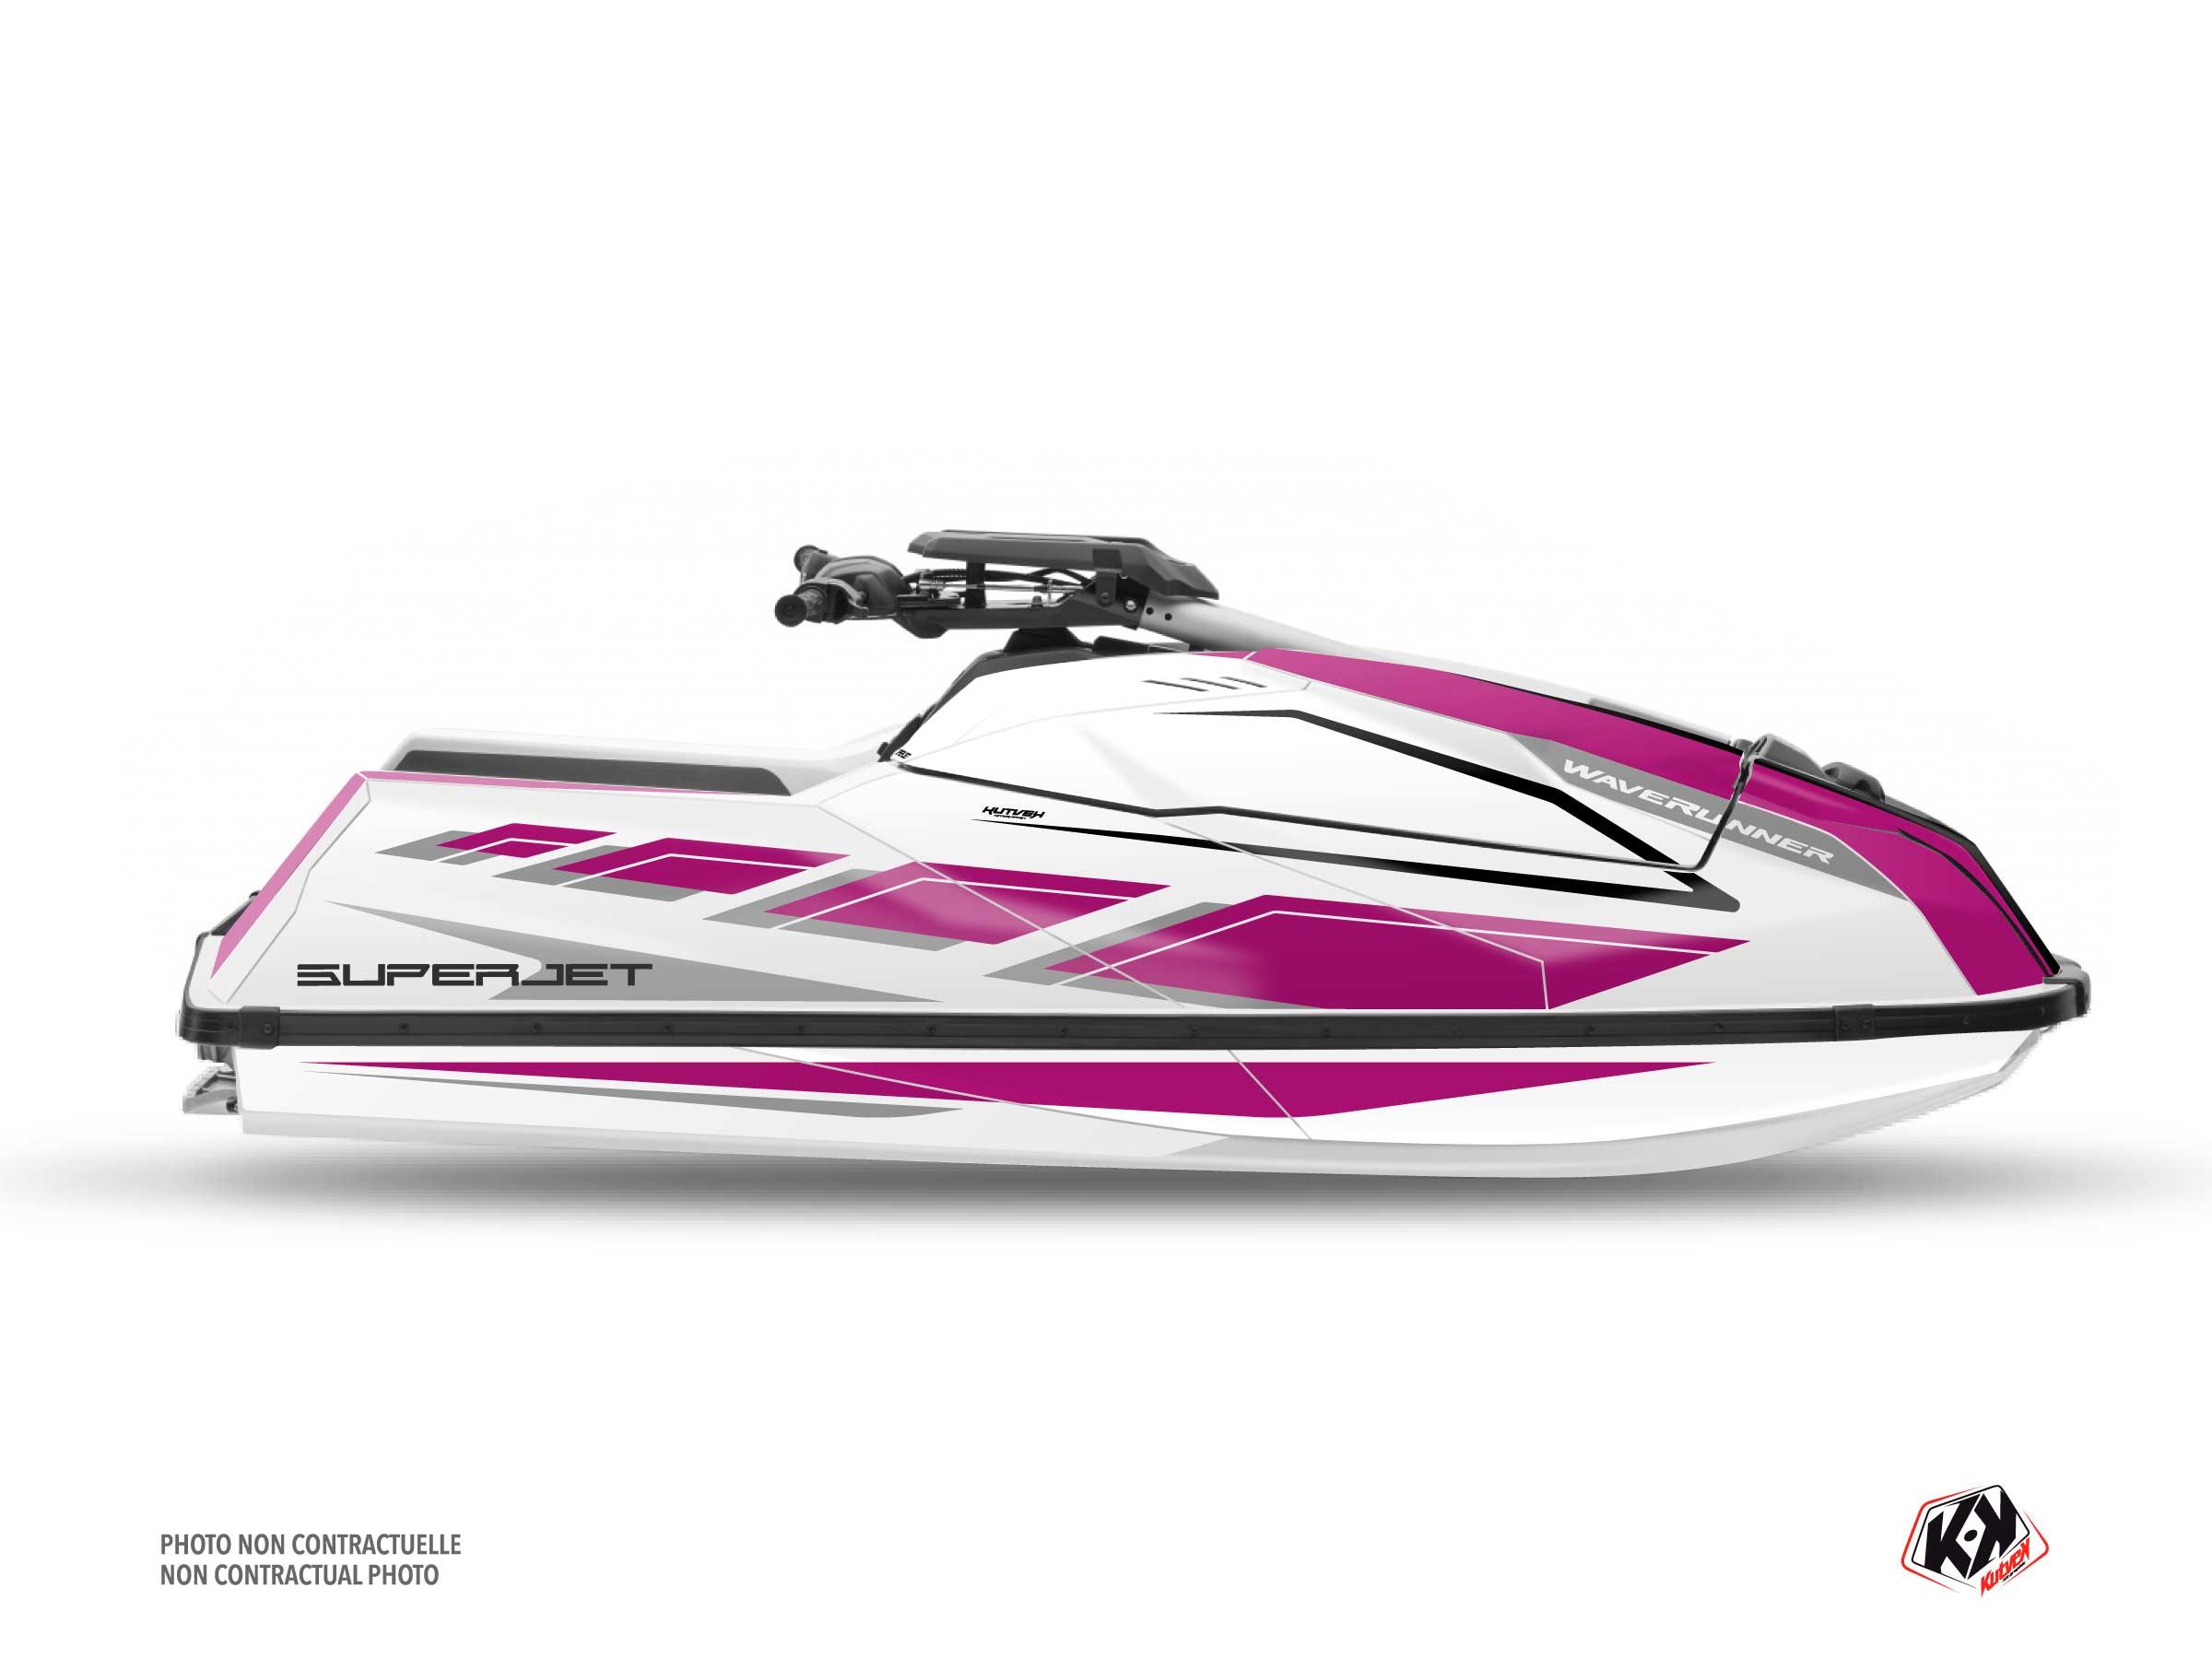 Kit Déco Jet-Ski PERF Yamaha Superjet 2021 Mauve